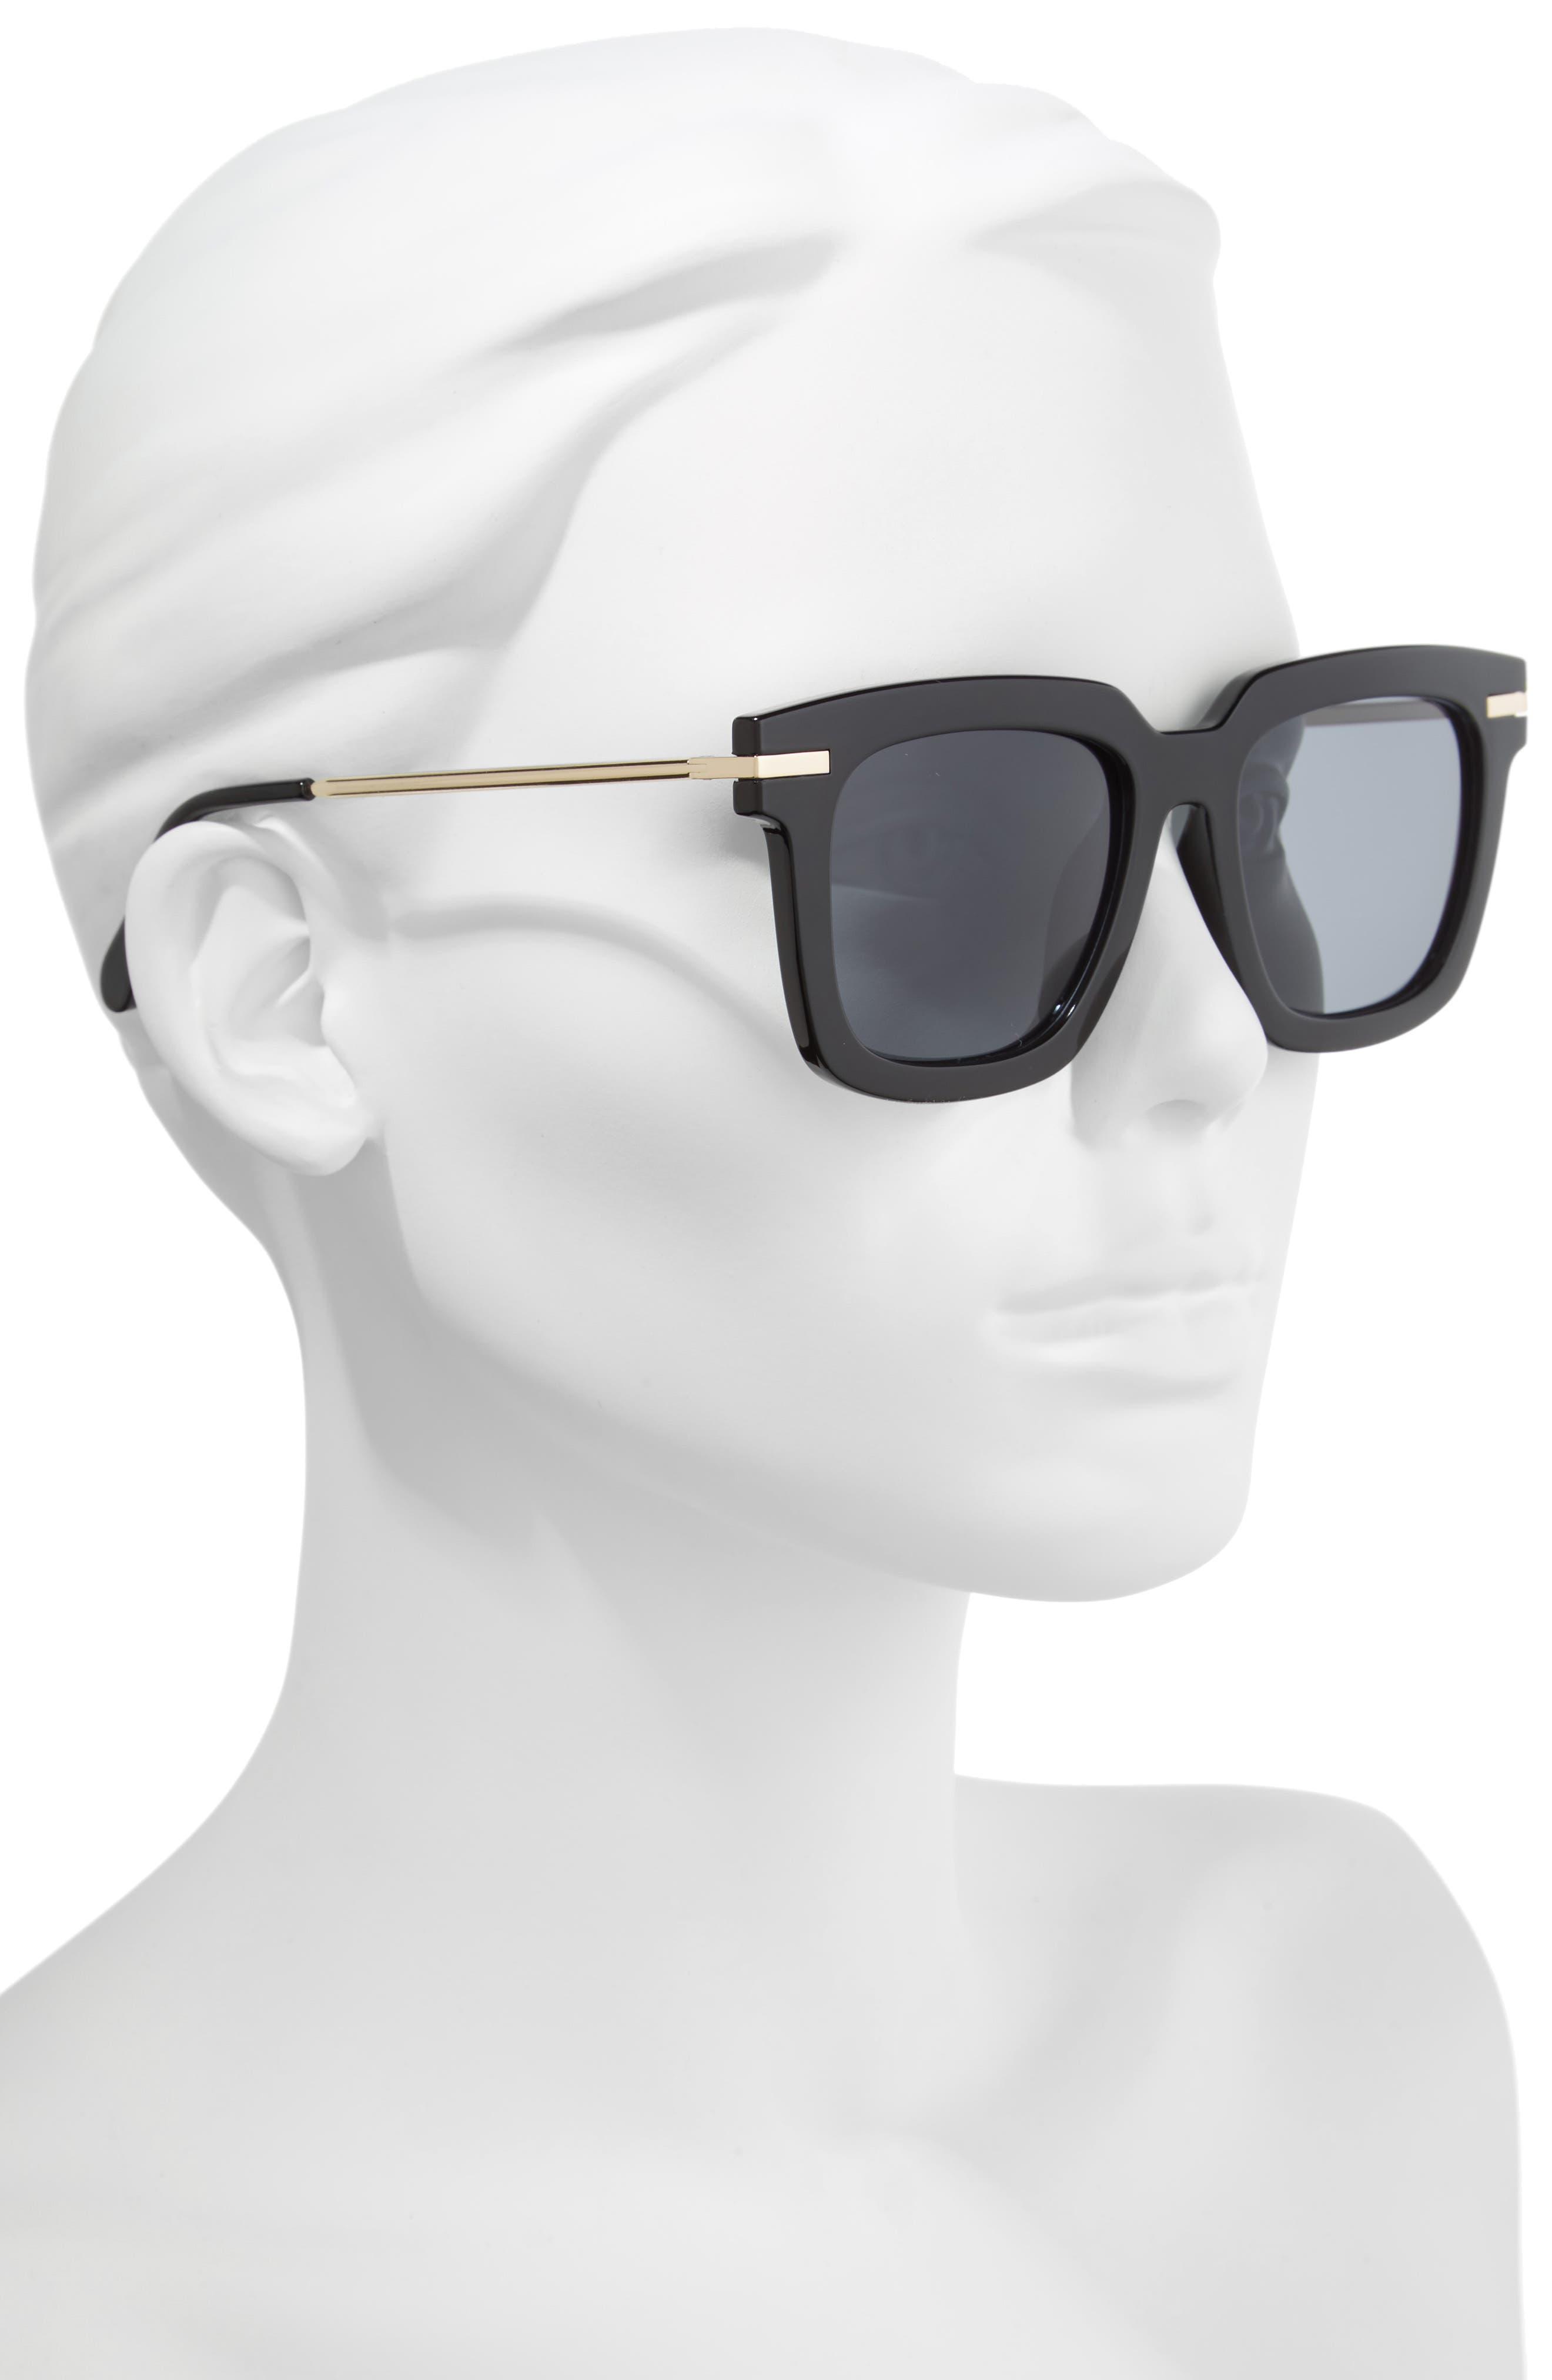 Laguna 51mm Polarized Sunglasses,                             Alternate thumbnail 2, color,                             Black